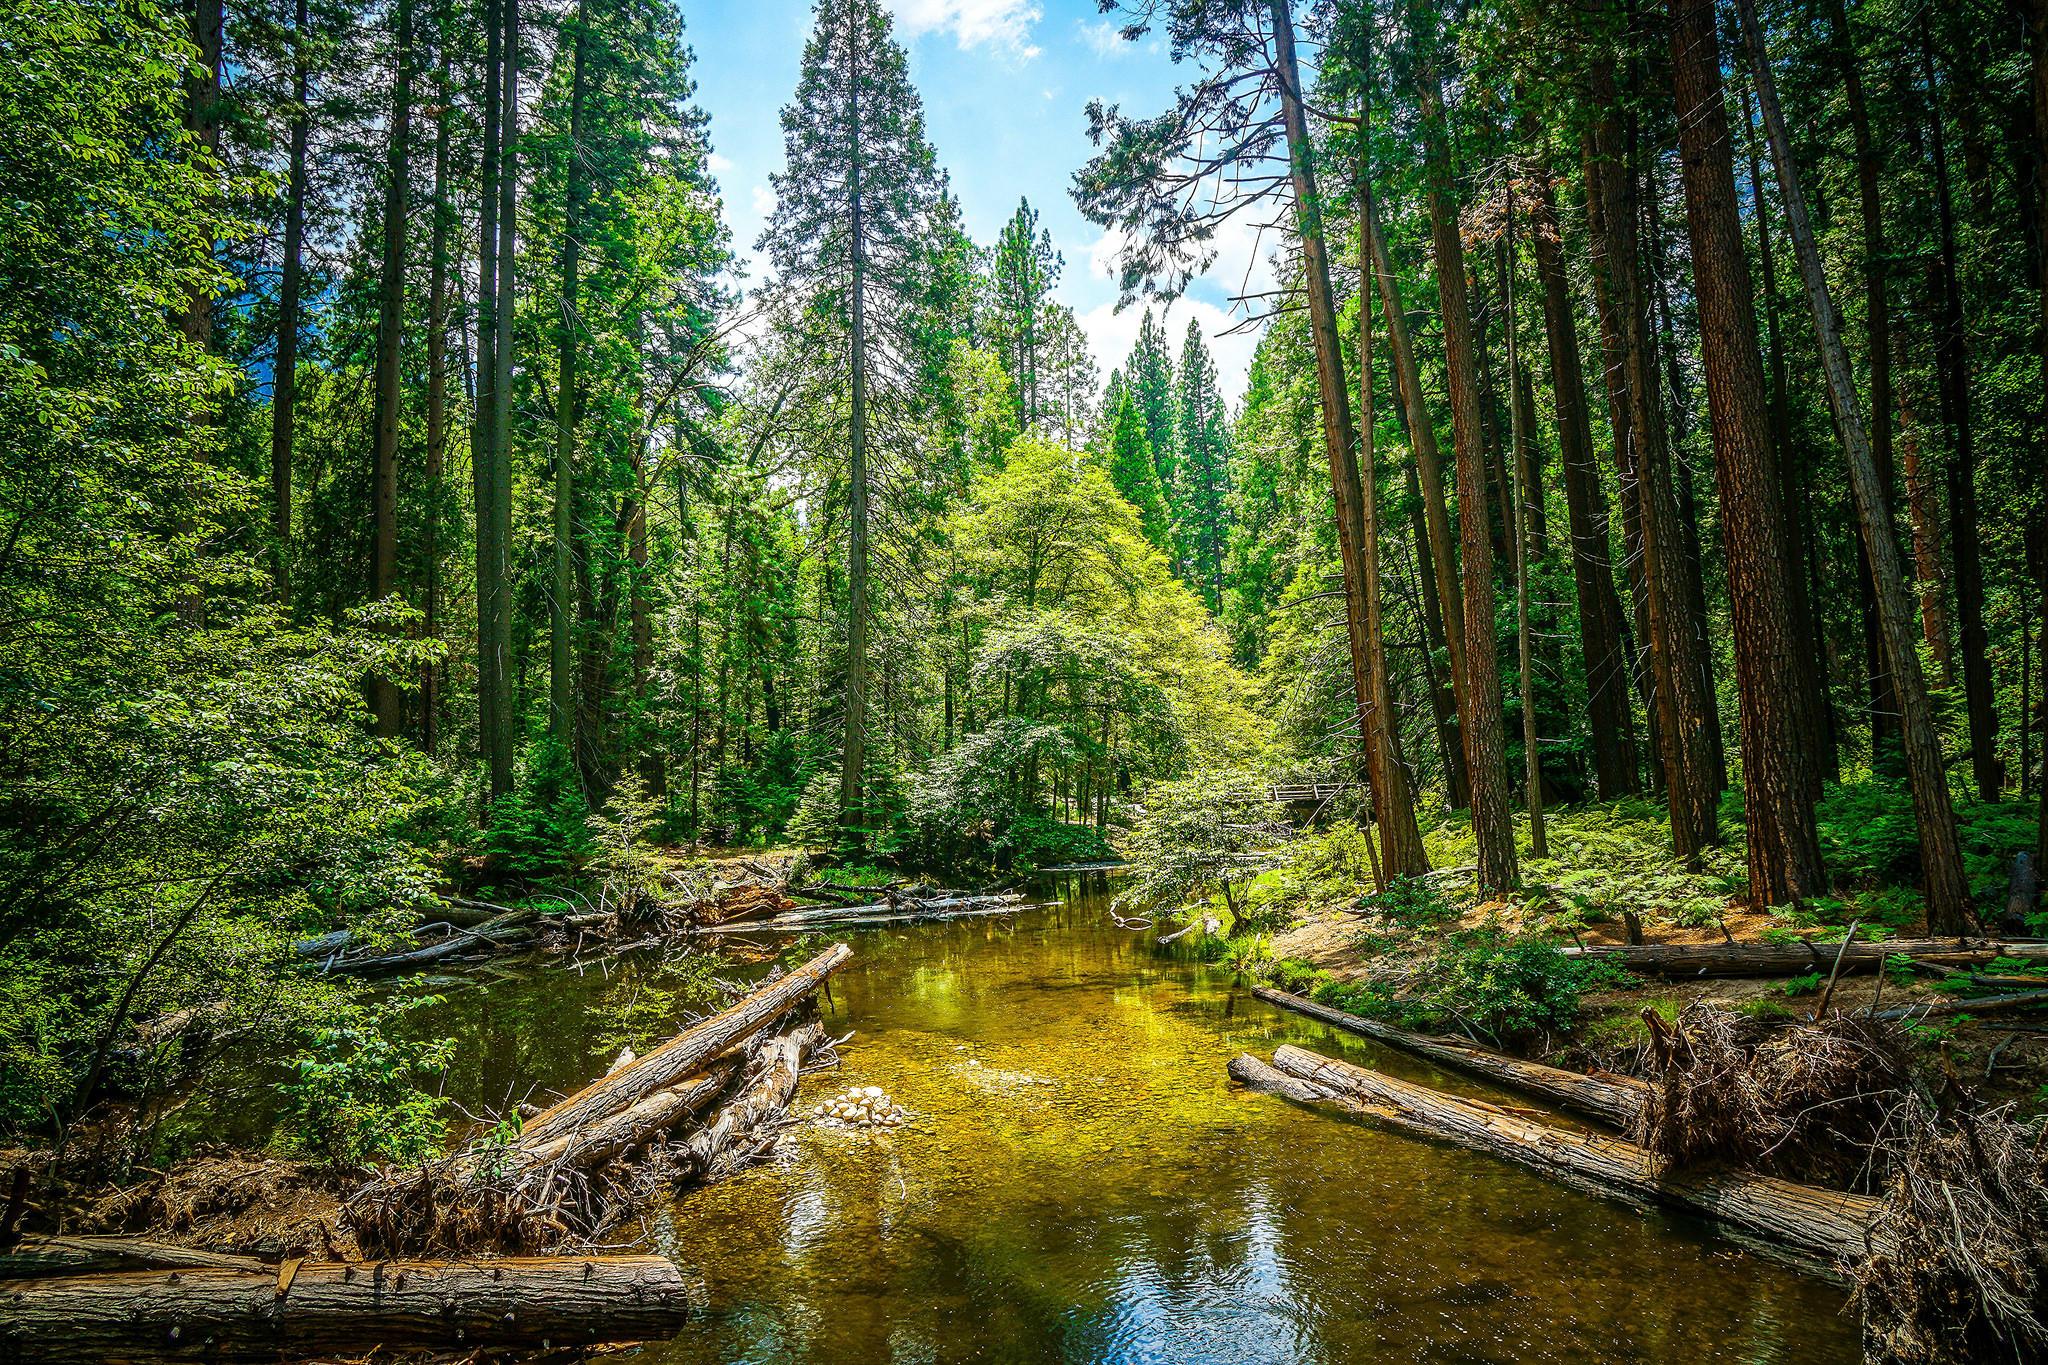 Йосемитский национальный парк, Yosemite National Park, Калифорния